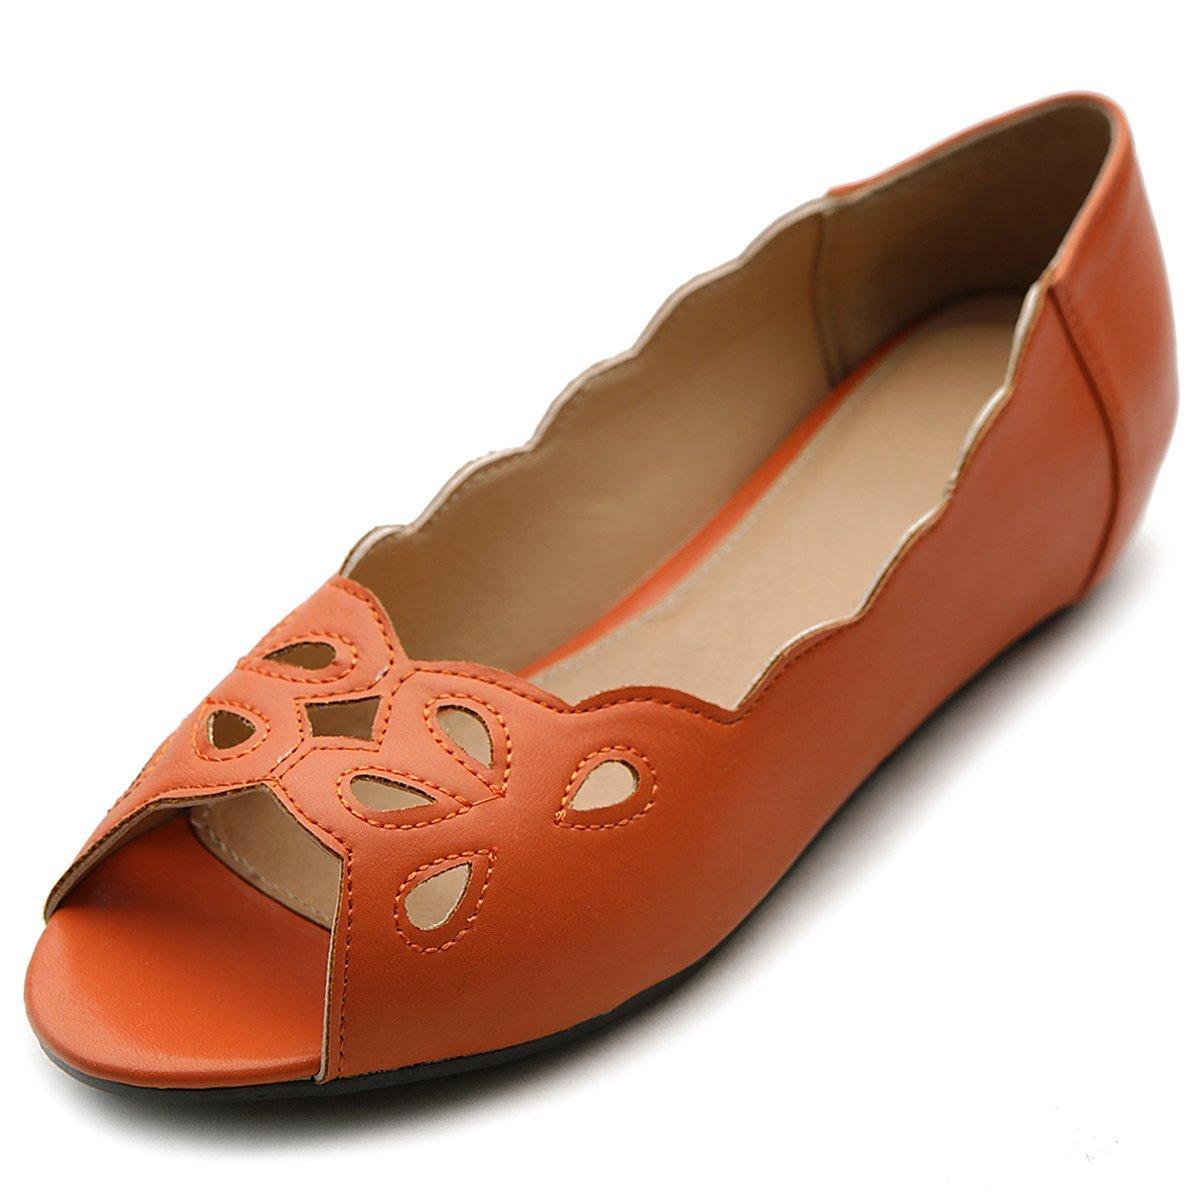 Ollio Women's Ballet Shoe Cut-out Open-Toe Multi Color Flat B00DH2M04C 5.5 B(M) US Orange